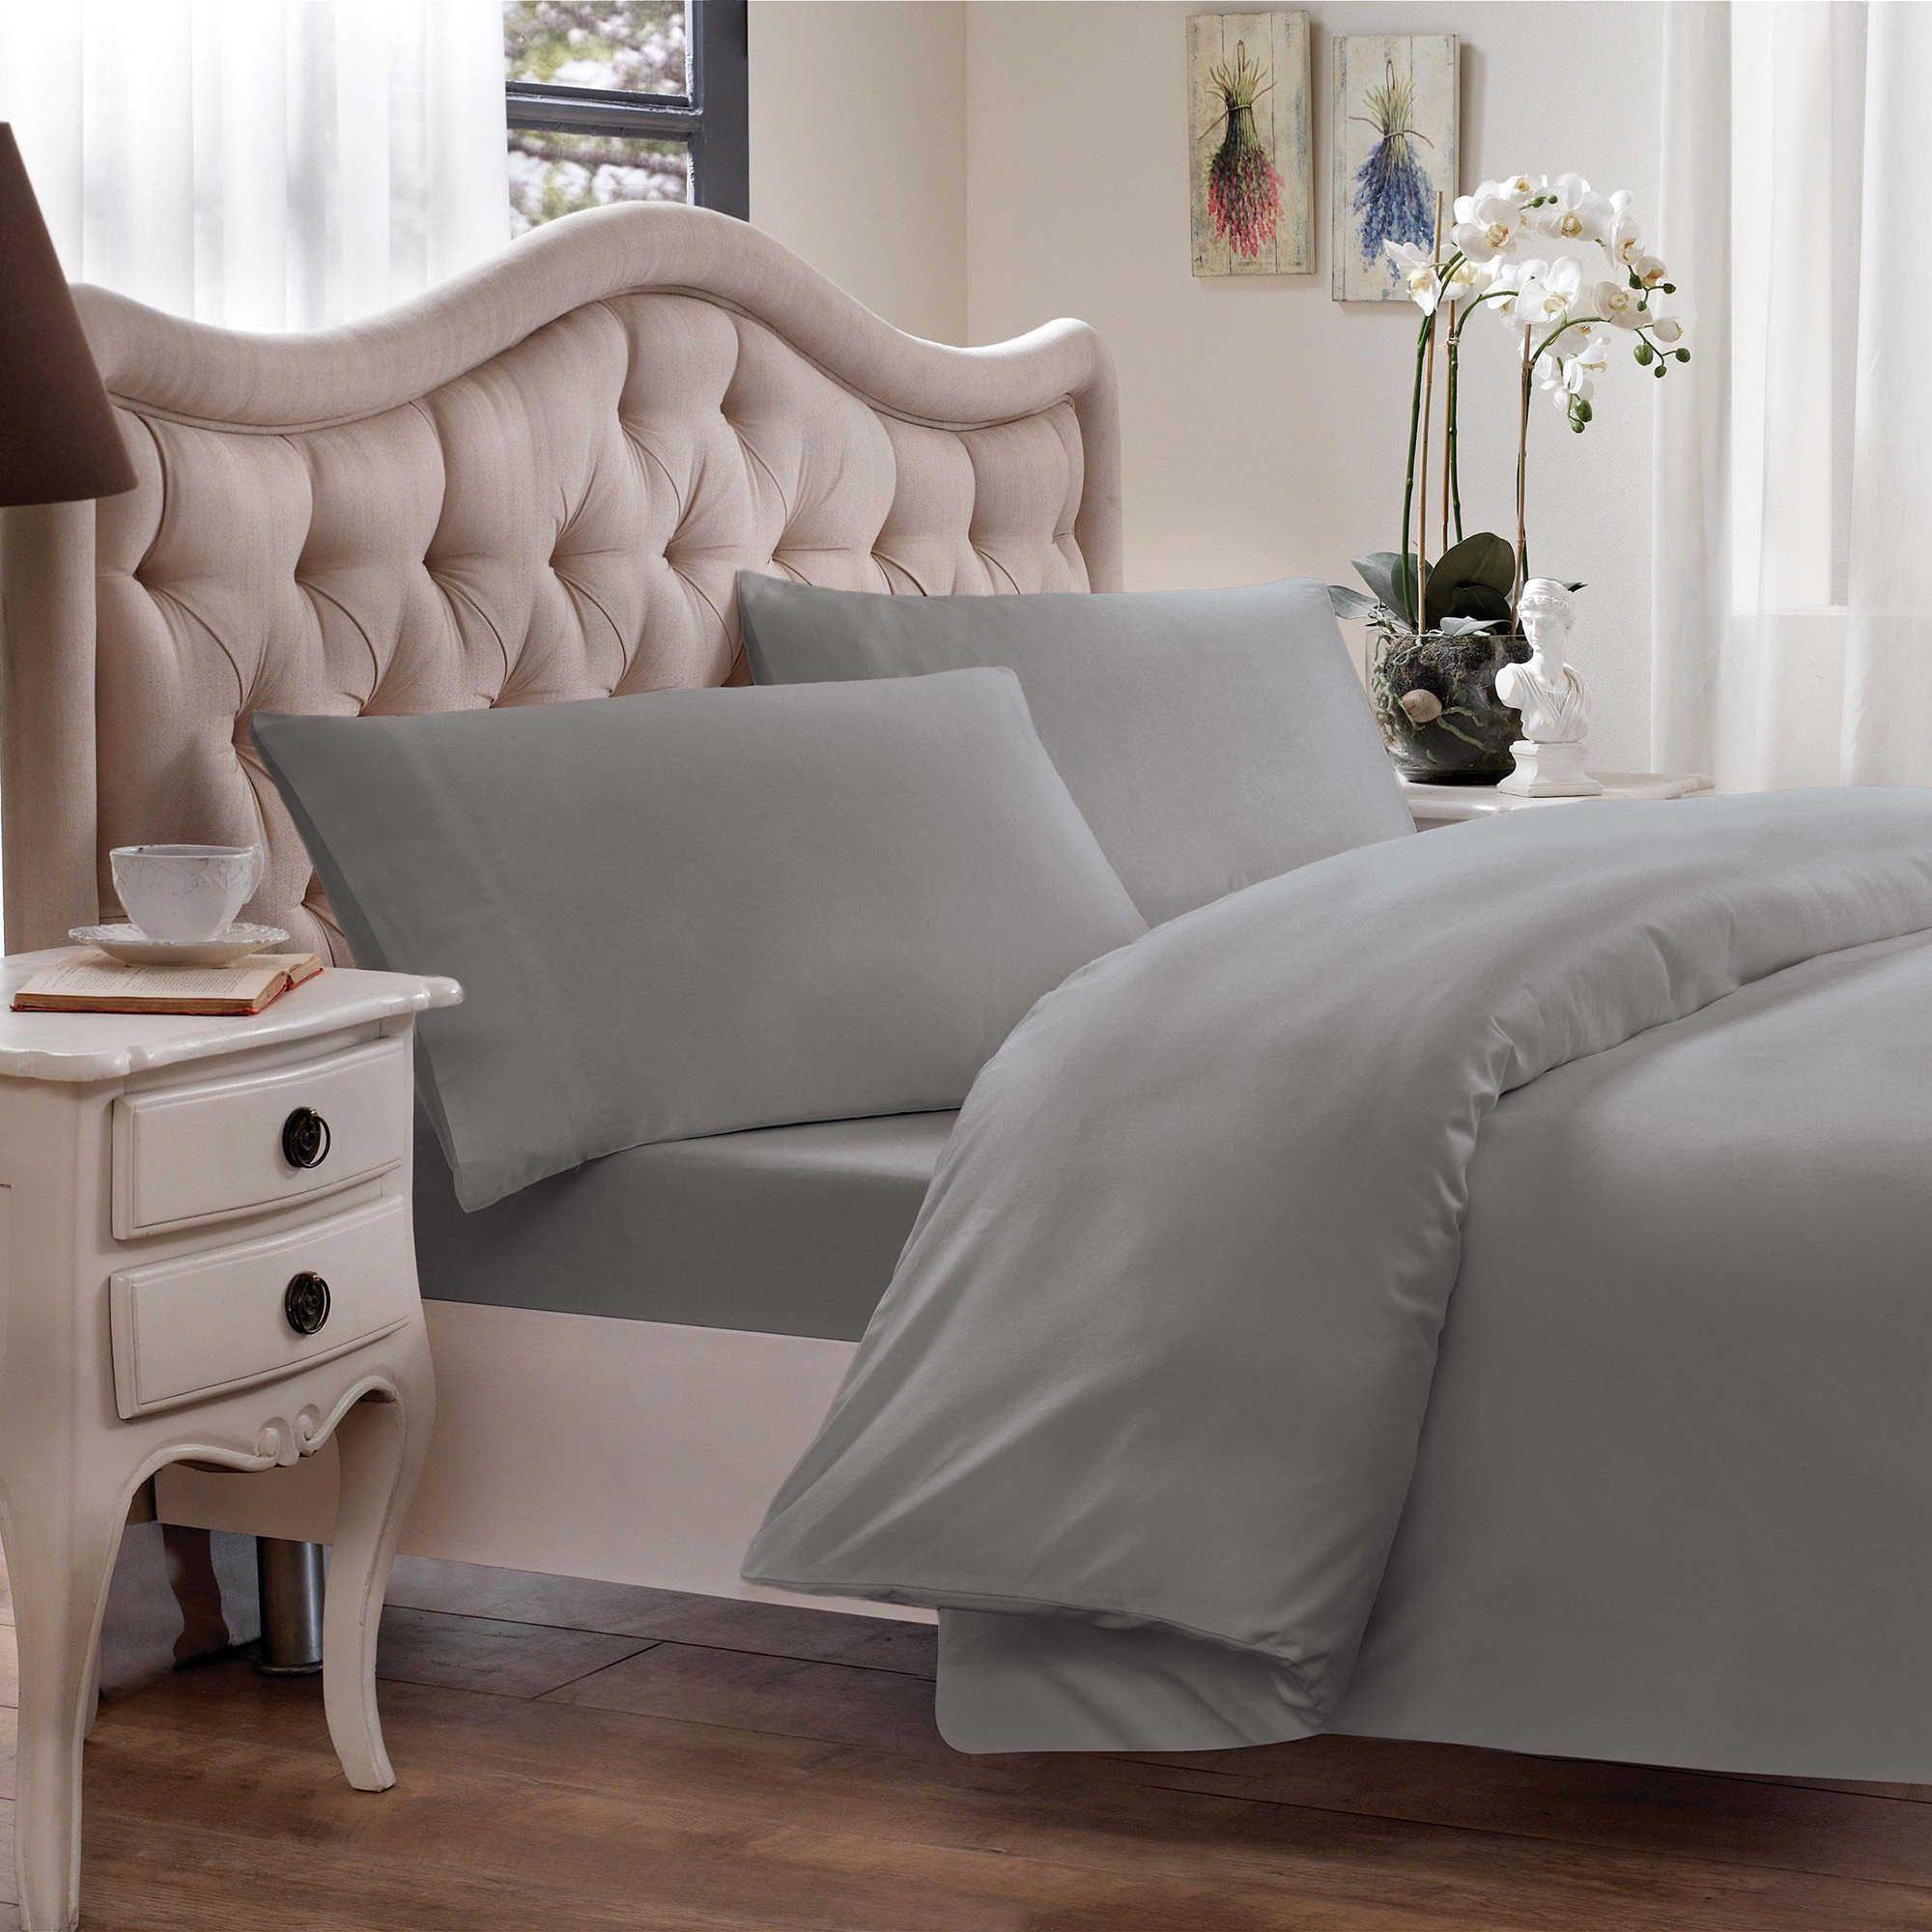 Brielle 630ThreadCount Premium Long Staple Cotton Duvet